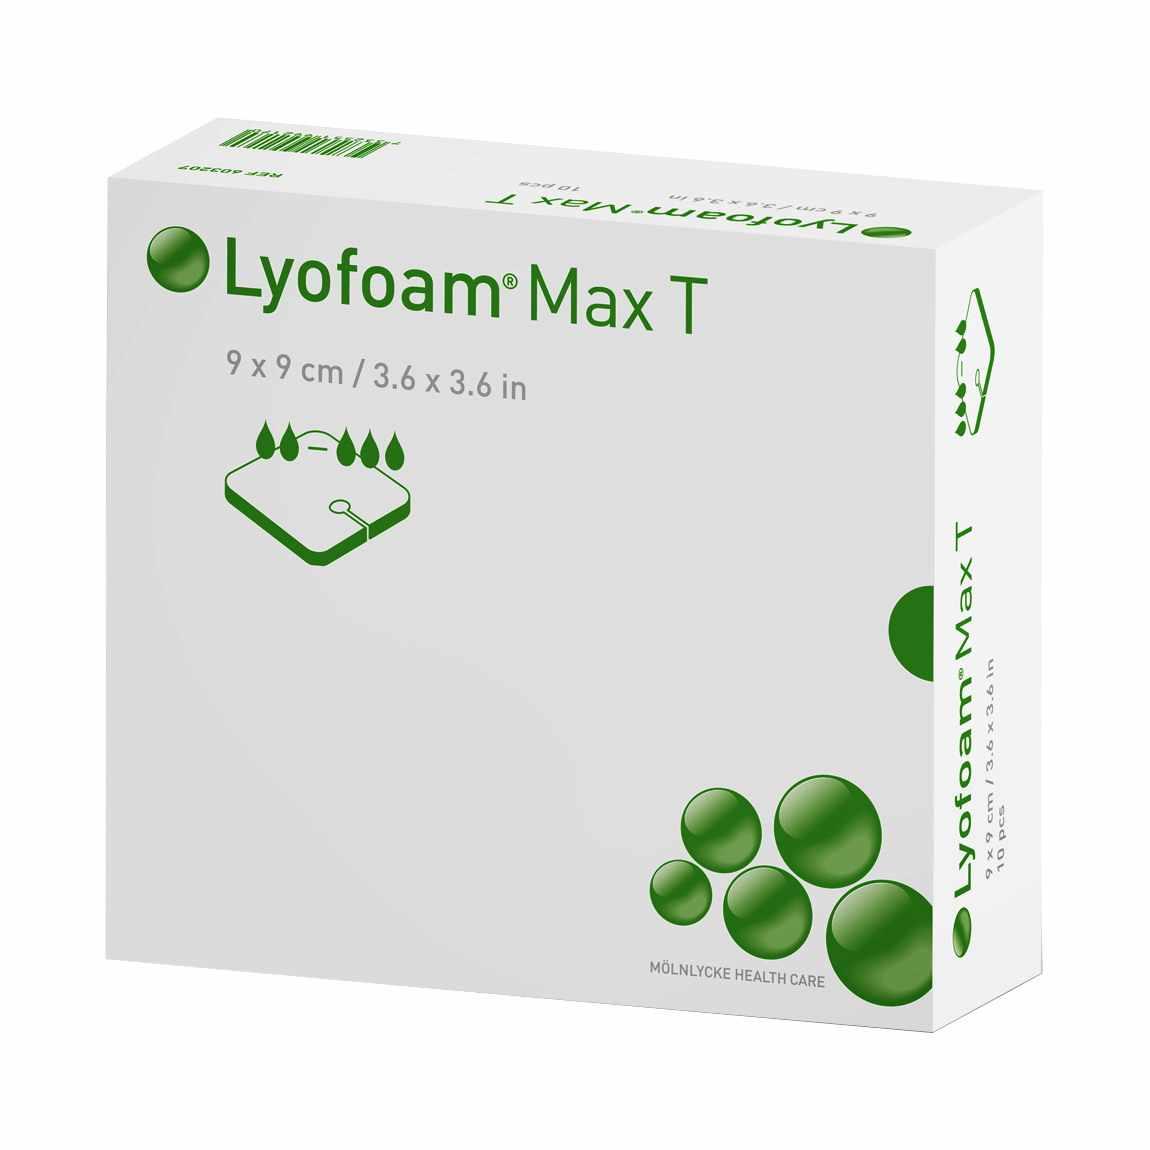 """Molnlycke Lyofoam Max T Polyurethane Foam Dressing, Sterile, 3-1/2"""" x 3-1/2"""""""